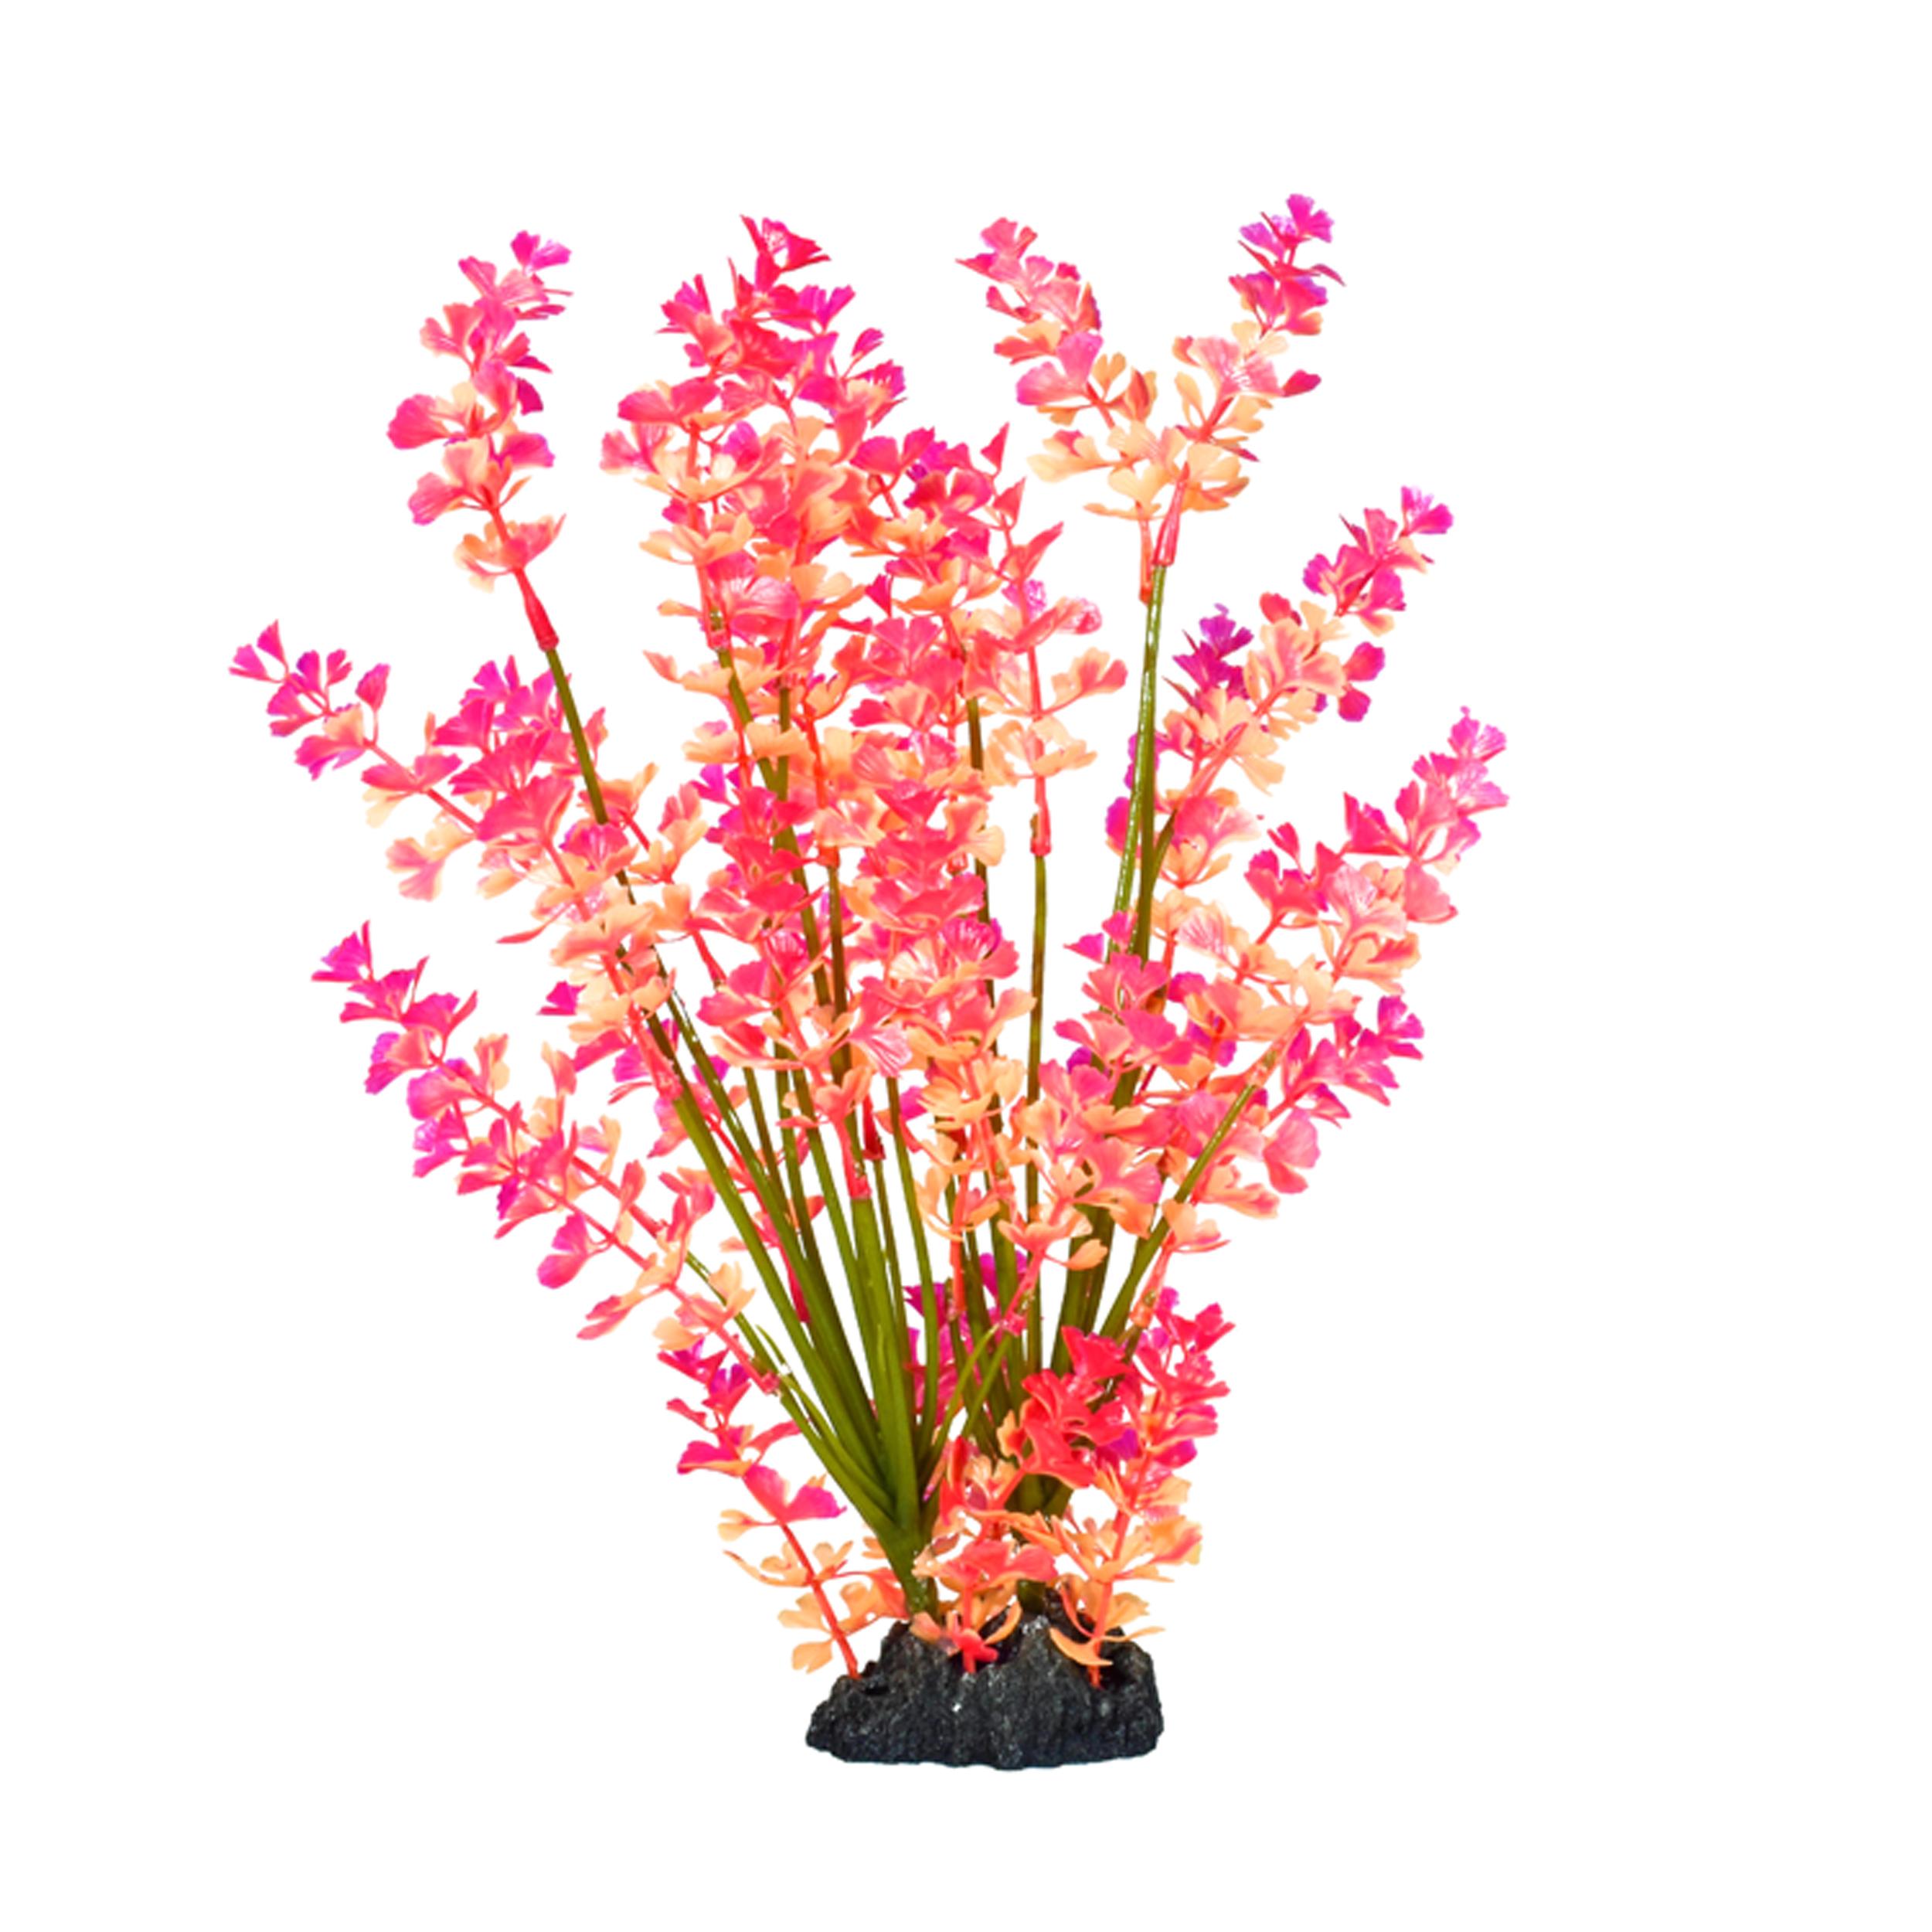 گیاه مصنوعی آکواریوم کد 180307